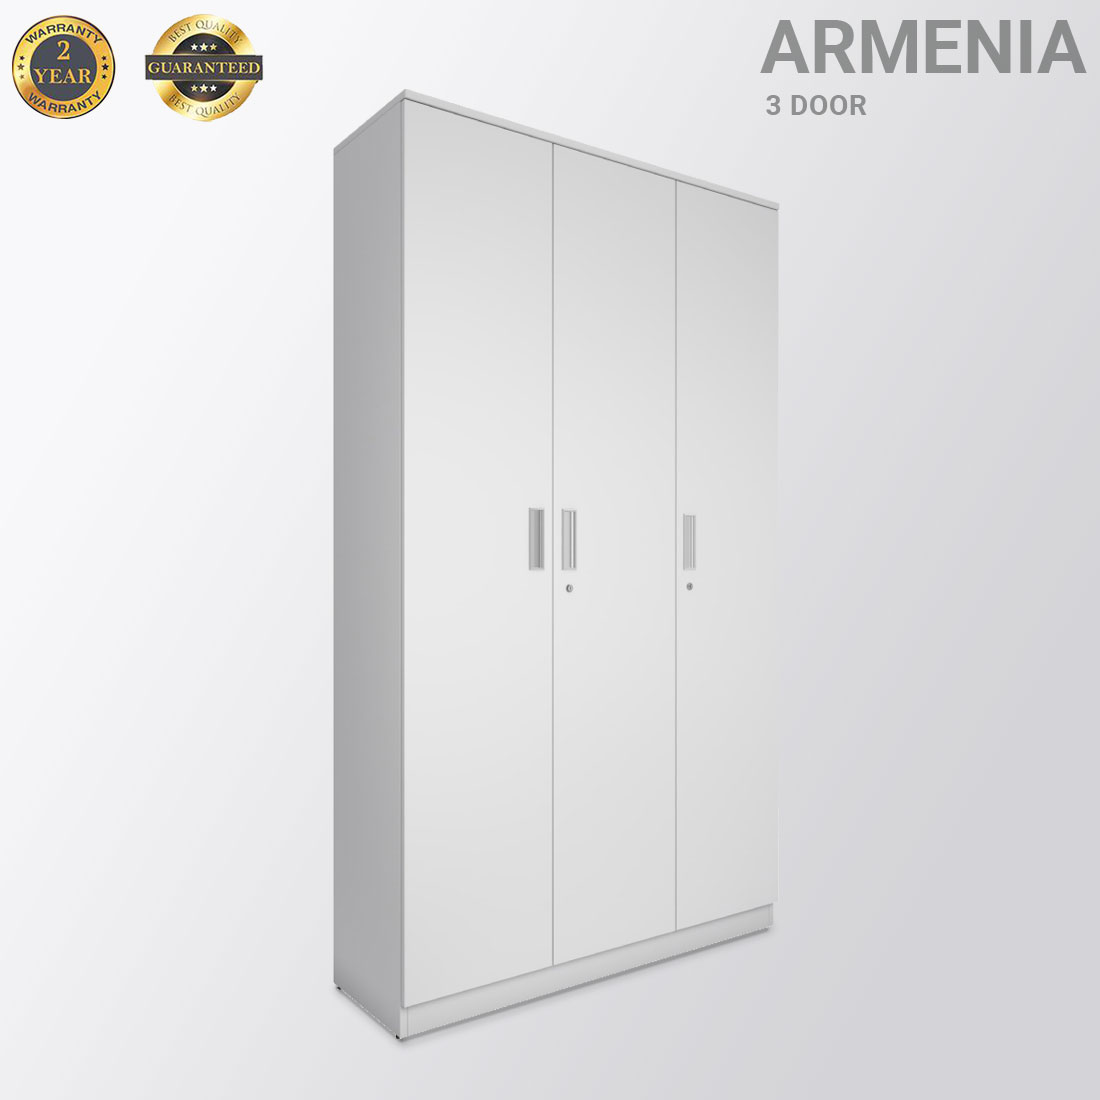 ARMENIA W 3 DOOR